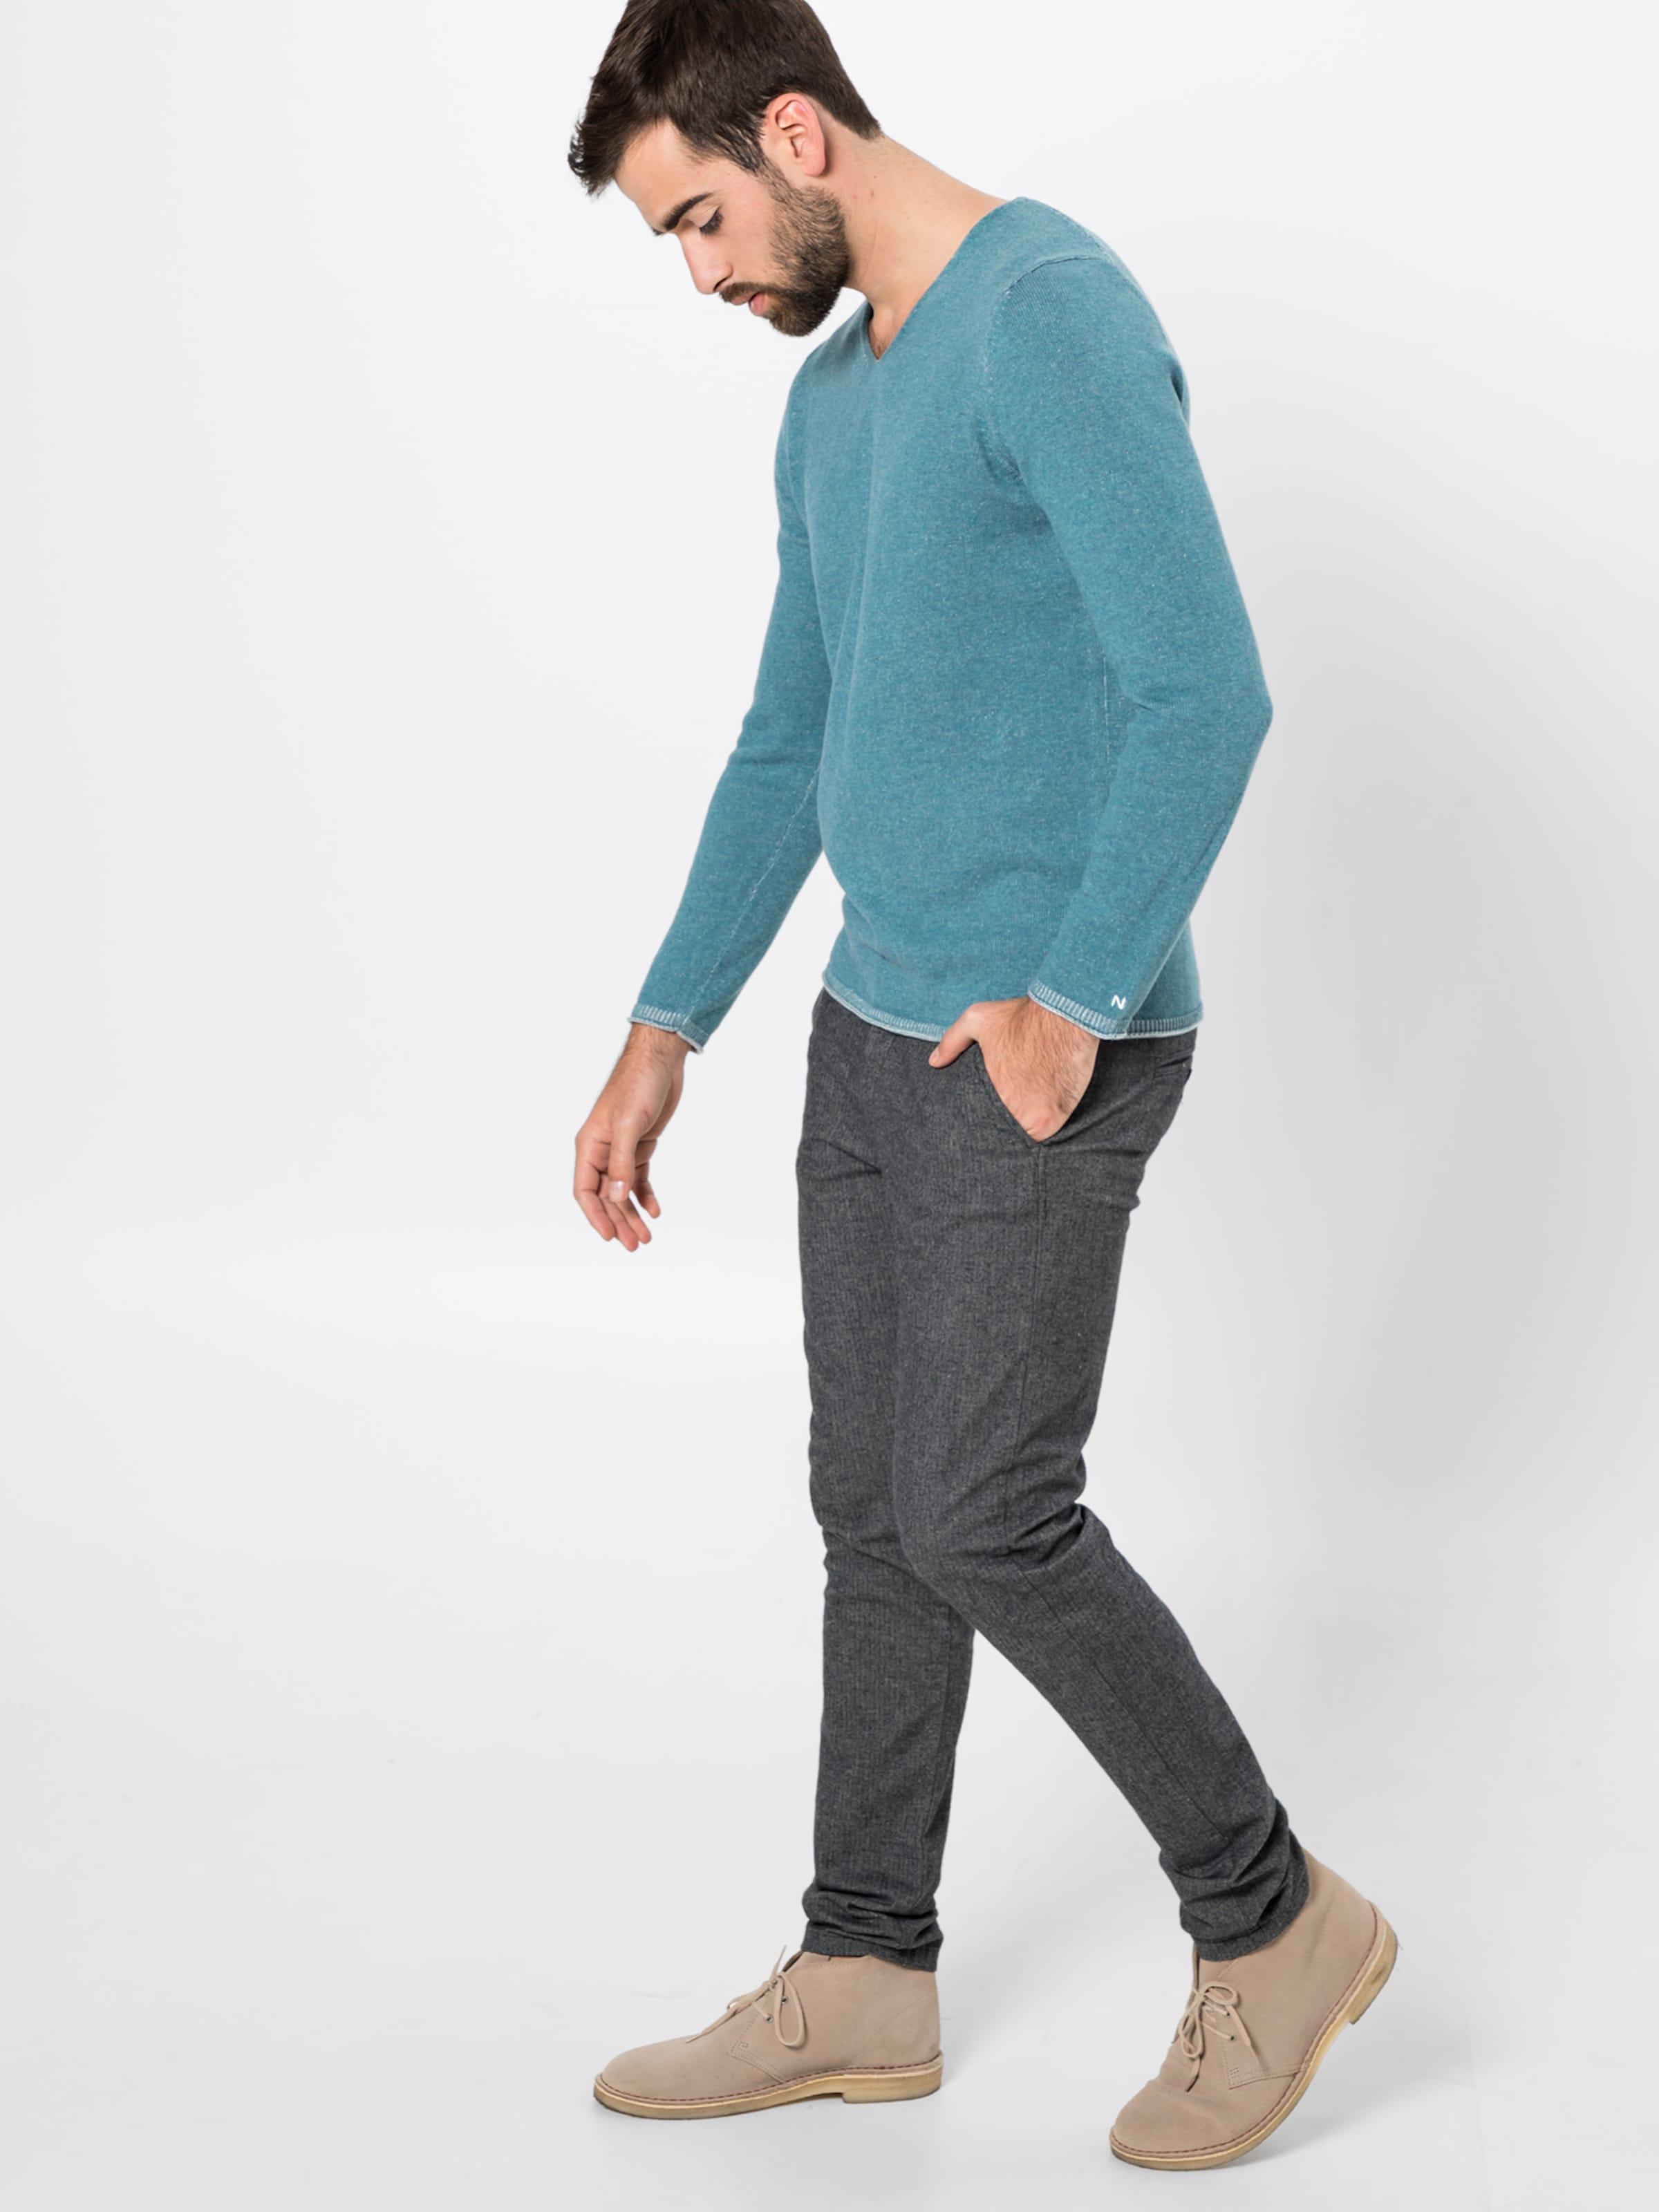 Nowadays Nowadays In Pullover Rauchblau In Pullover Rauchblau xBQCoeWrd